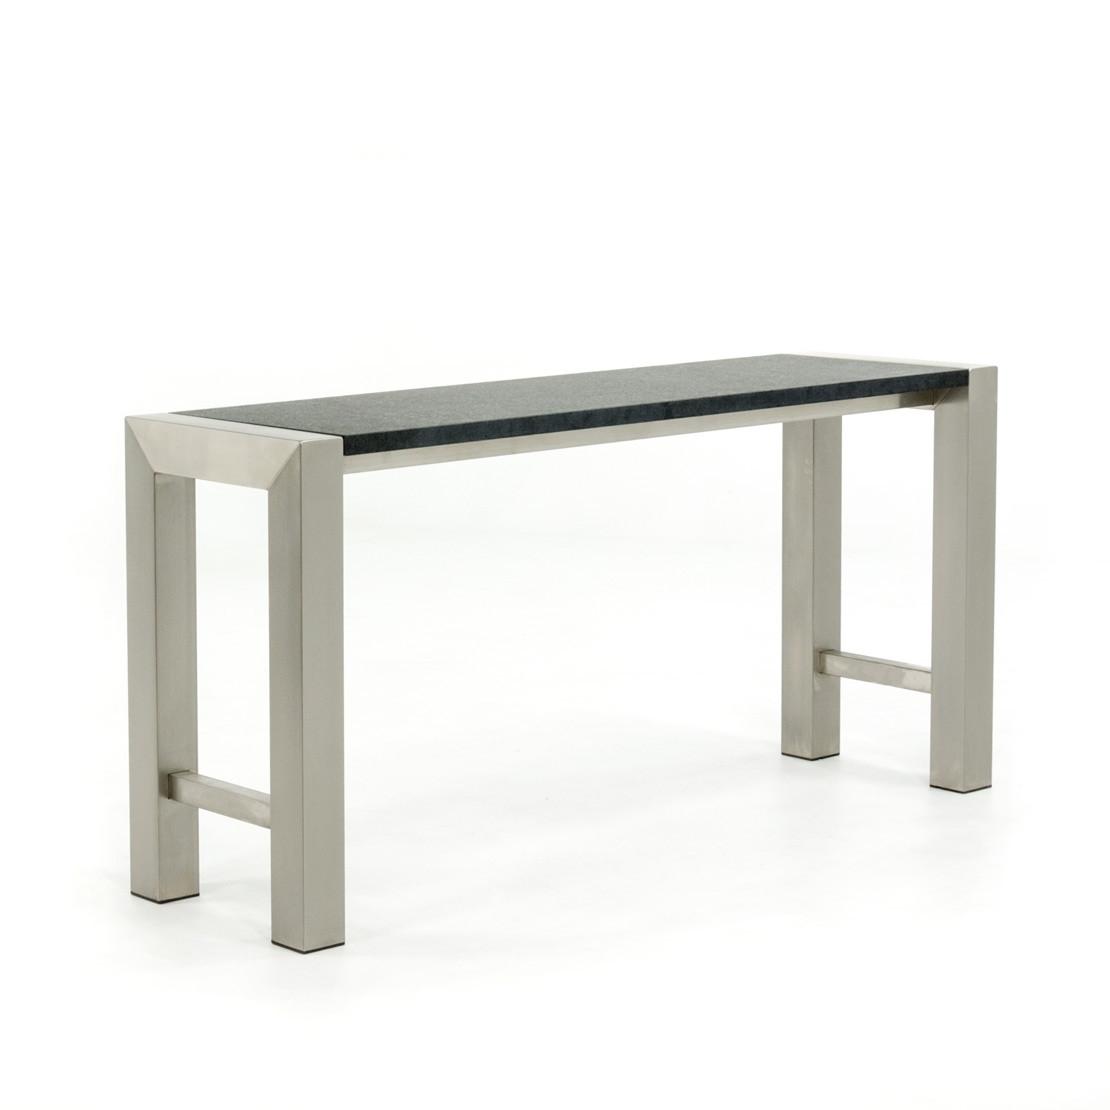 Wandtisch aus Edelstahl mit Basaltplatte (geflammt)